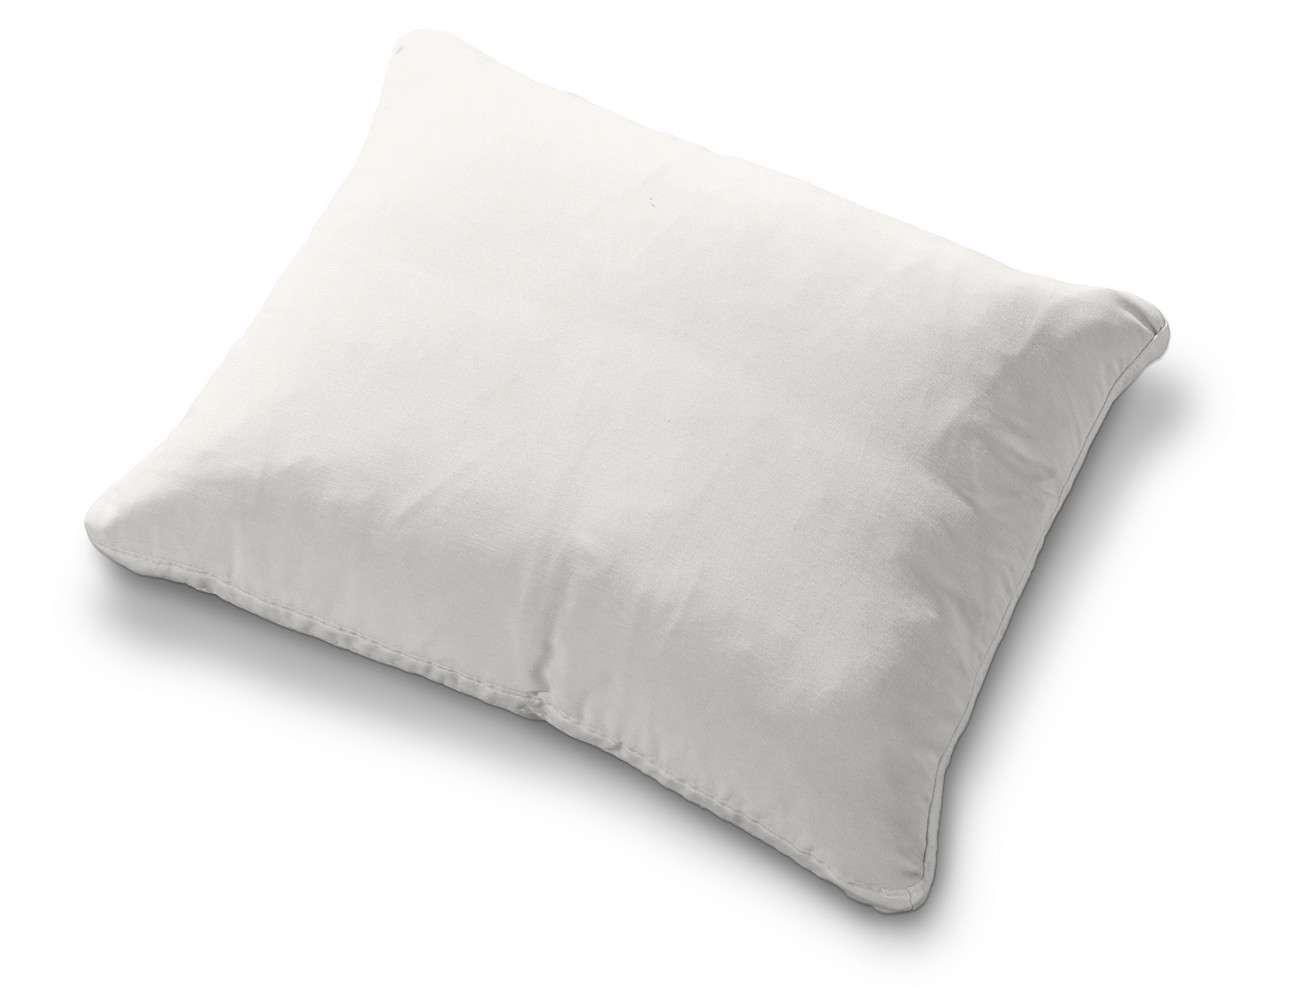 Karlstad pagalvėlės užvalkalas(58 cm x 48 cm) Karlstad pagavėlės užvalkalas 58x48cm kolekcijoje Cotton Panama, audinys: 702-34